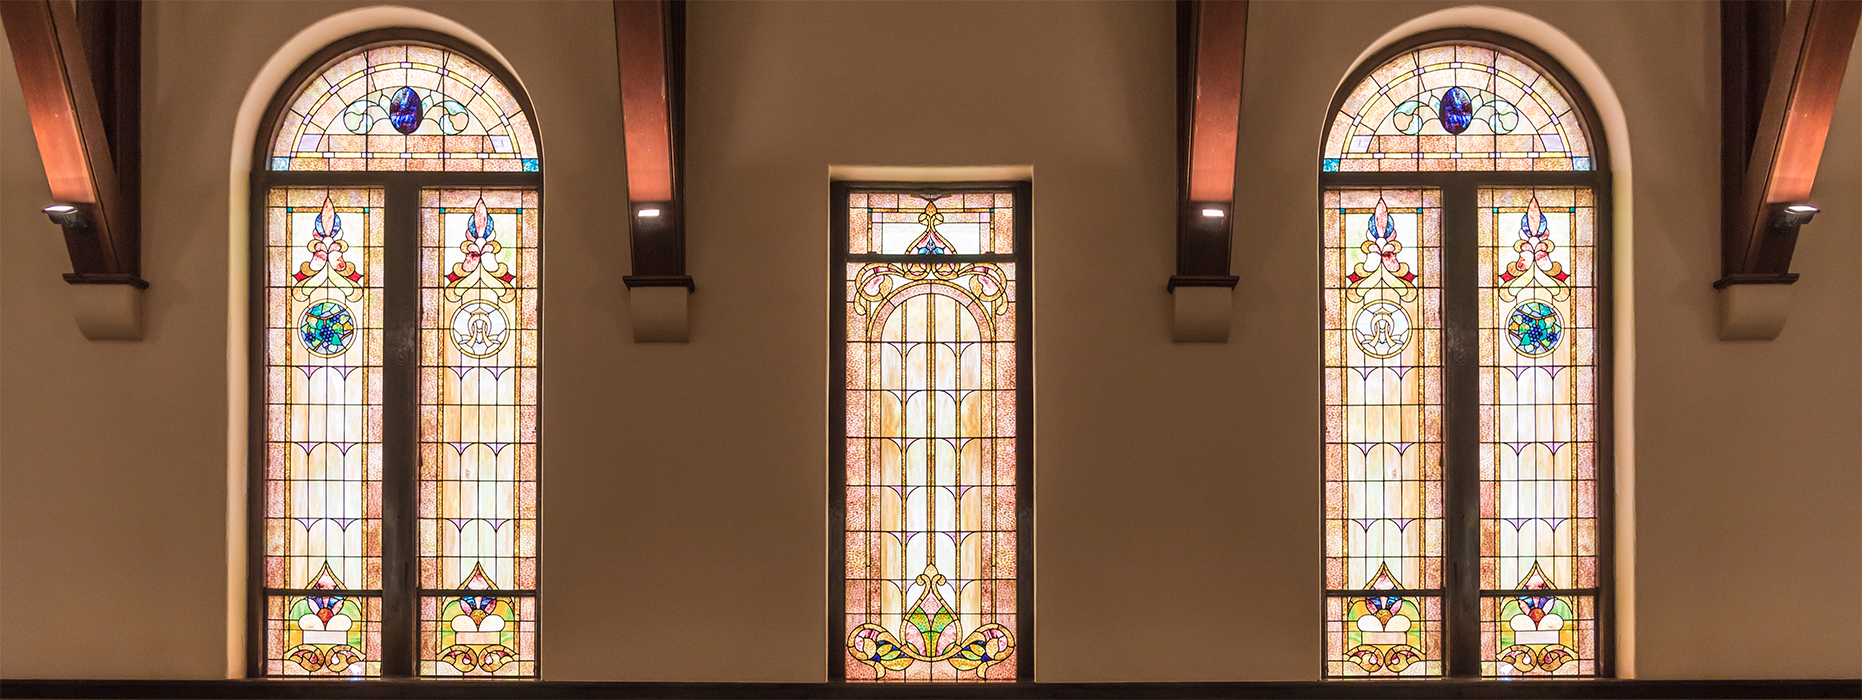 WindowPanorama